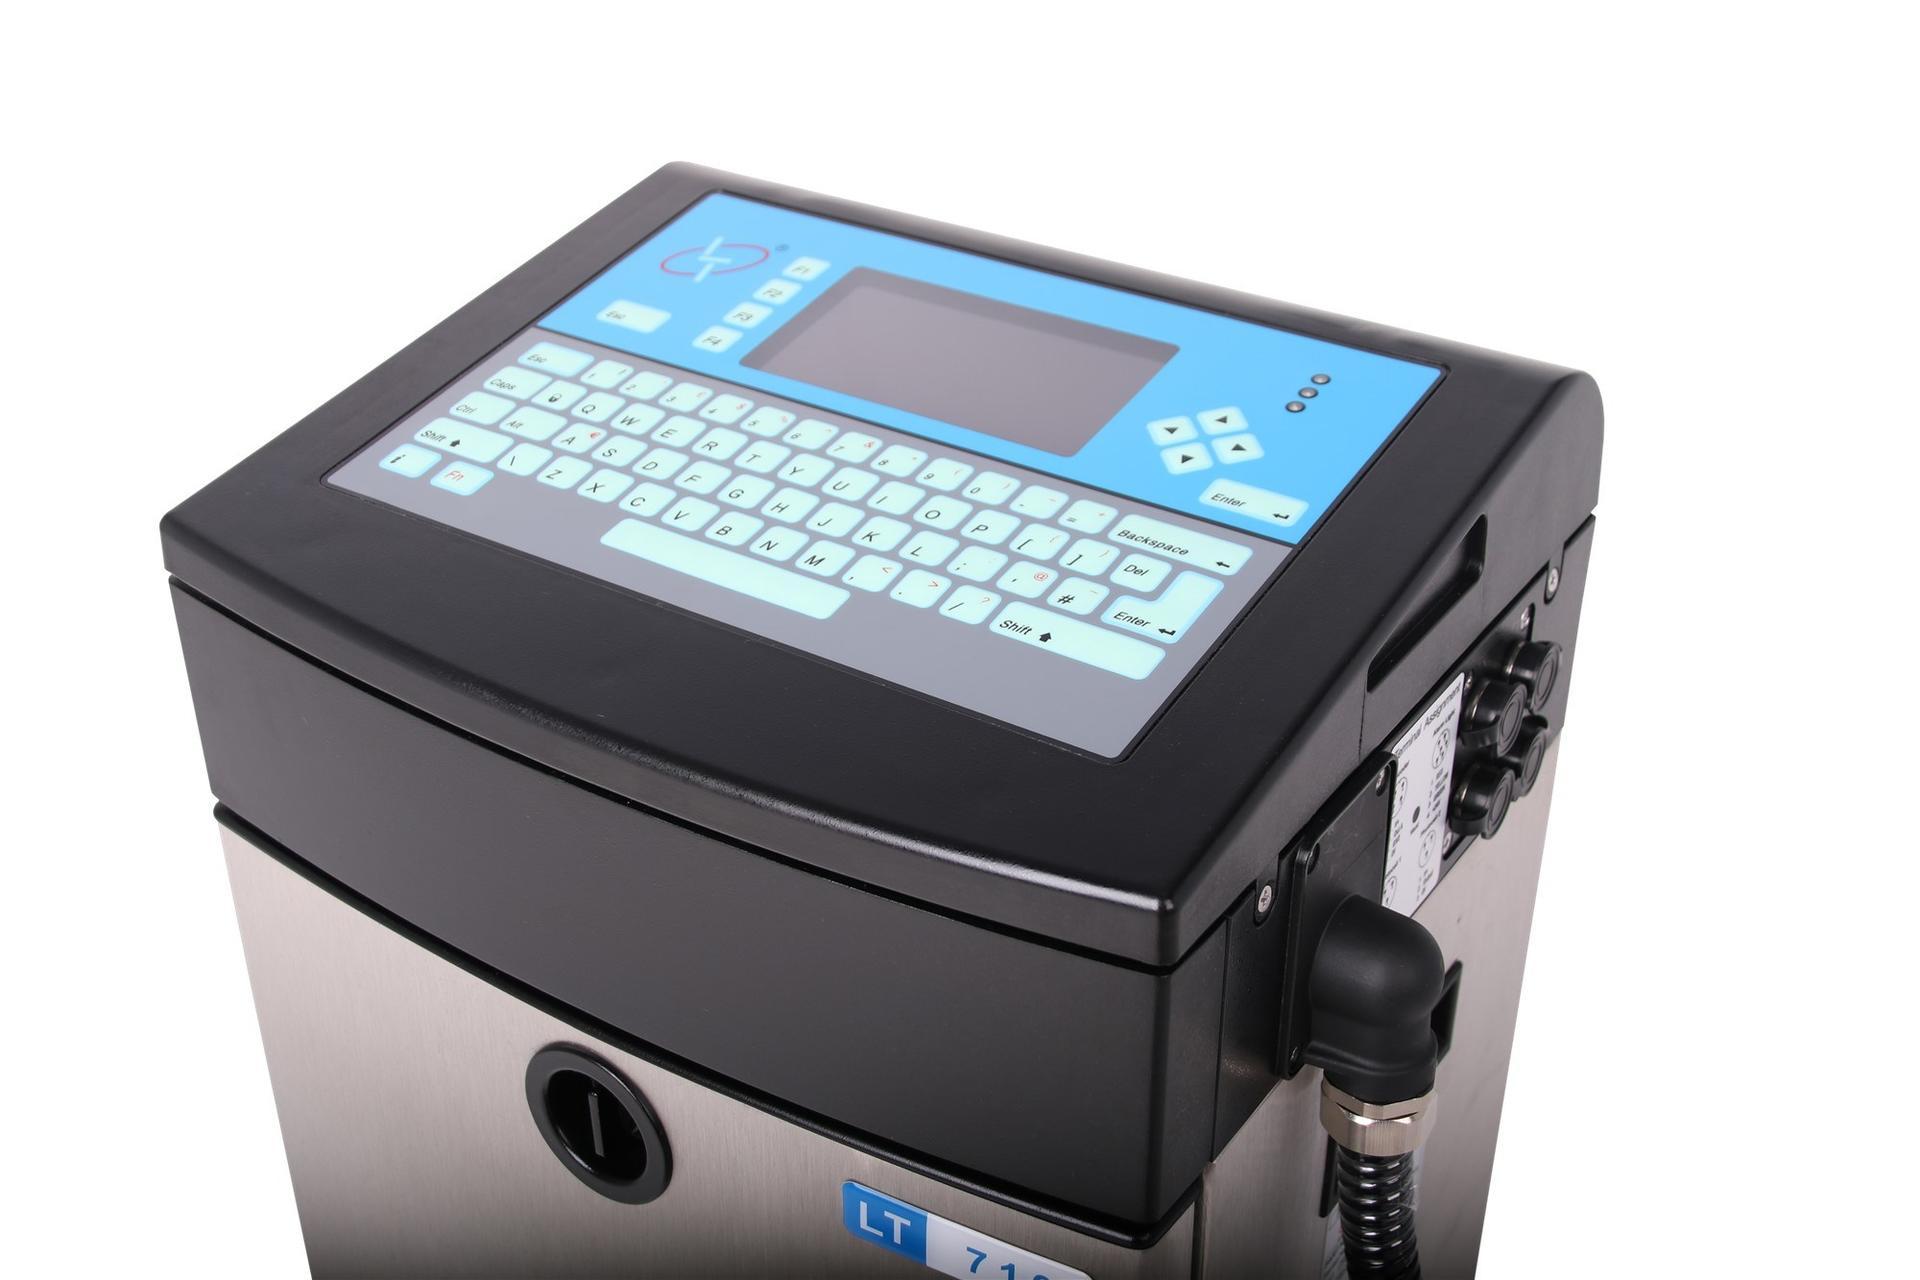 Lead Tech Lt710 Cij Inkjet Printer for Reverse Printing